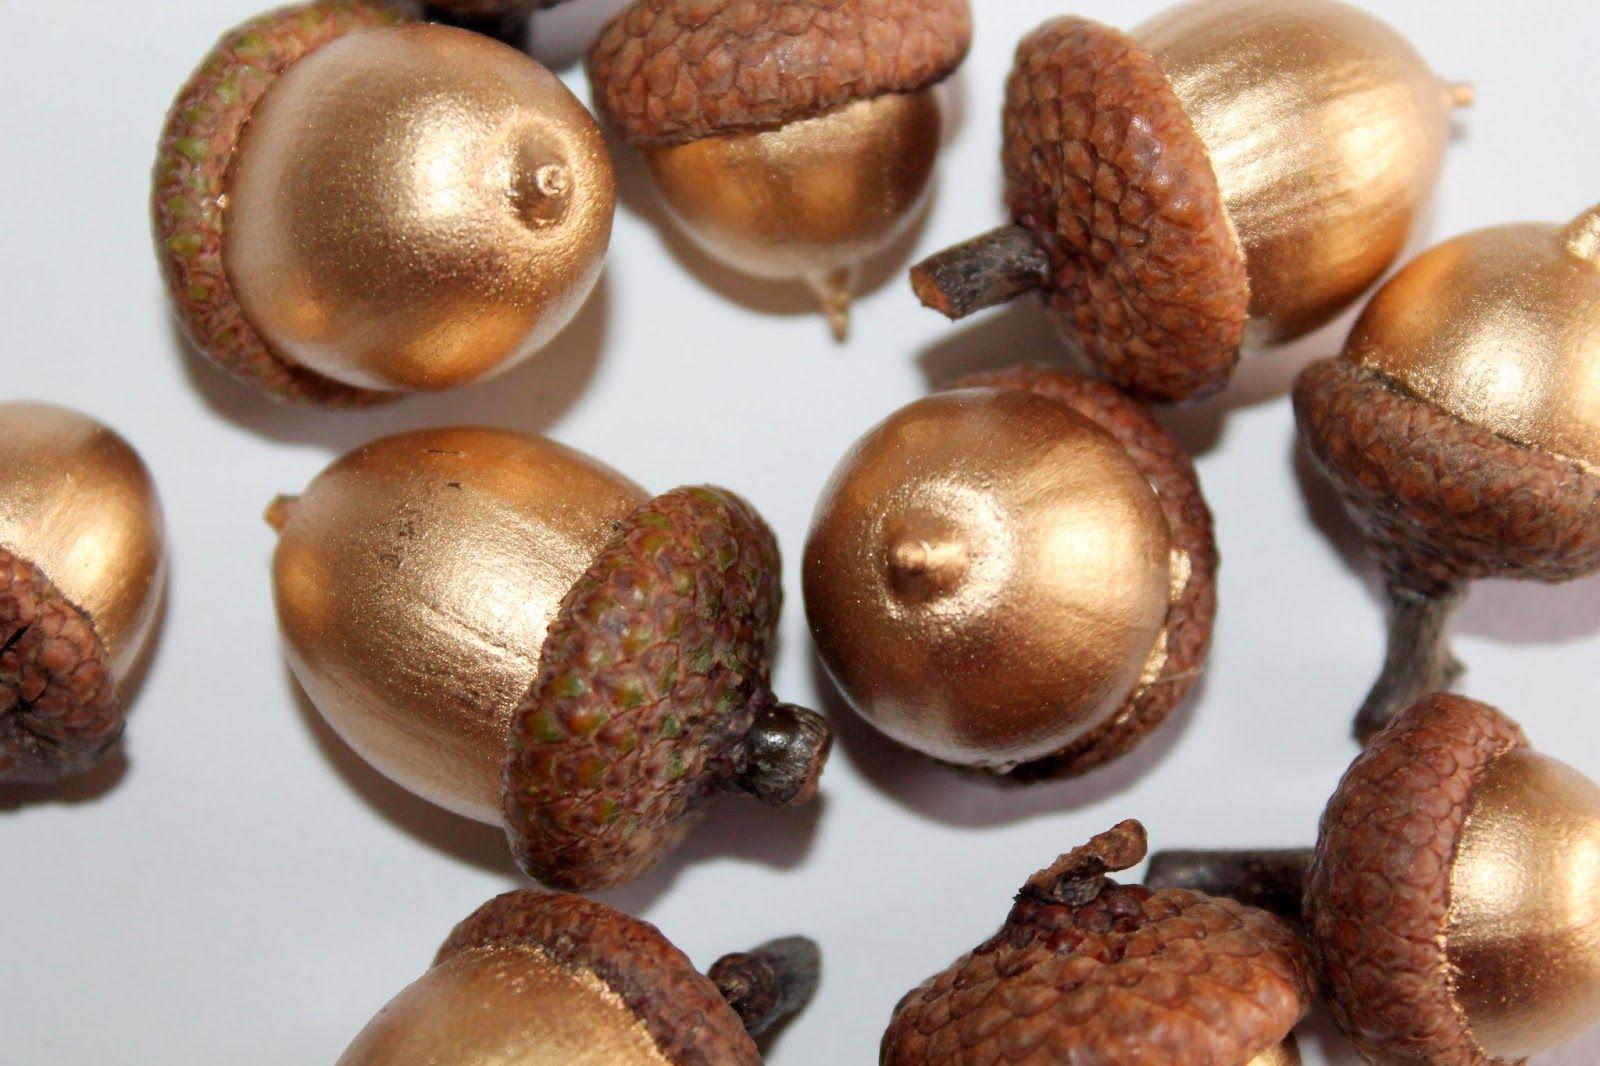 DIY goldene Eicheln selber machen Basteln mit Naturmaterialien im Herbst #weihnachtsbastelnnaturmaterialien